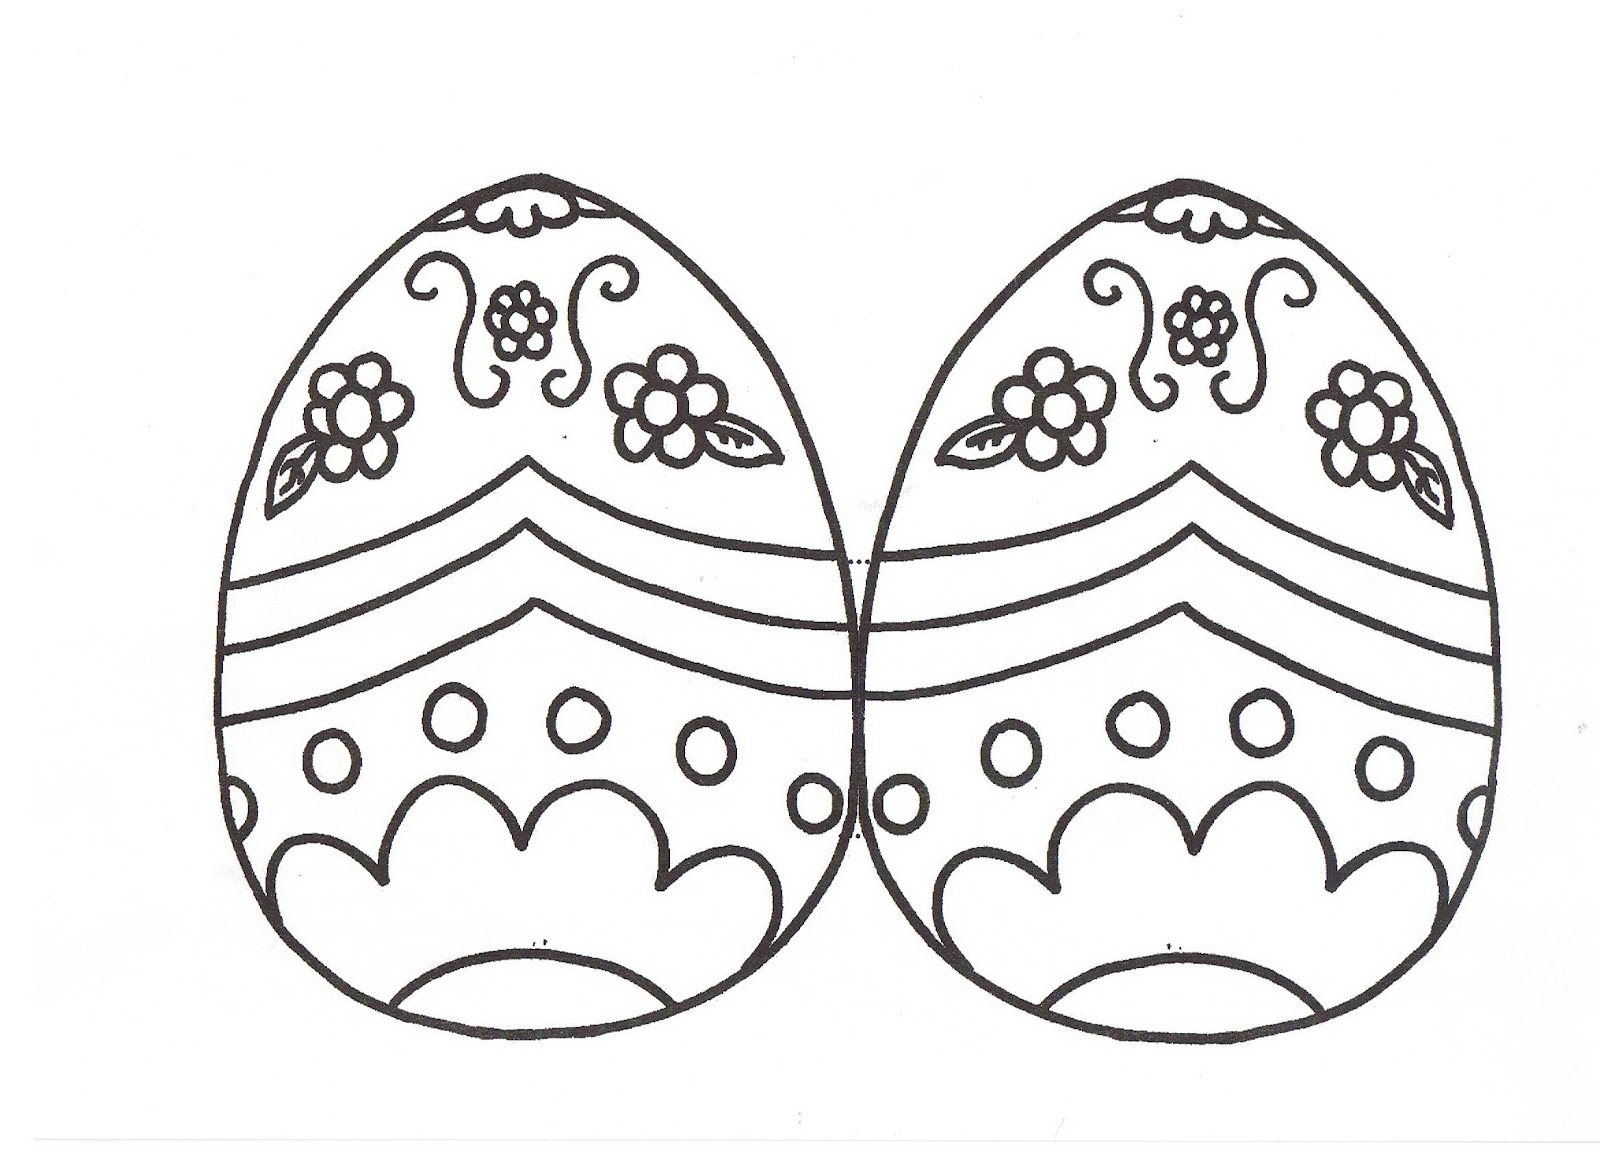 Aprendemos en reli huevo de pascua - Videos de huevos de pascua ...